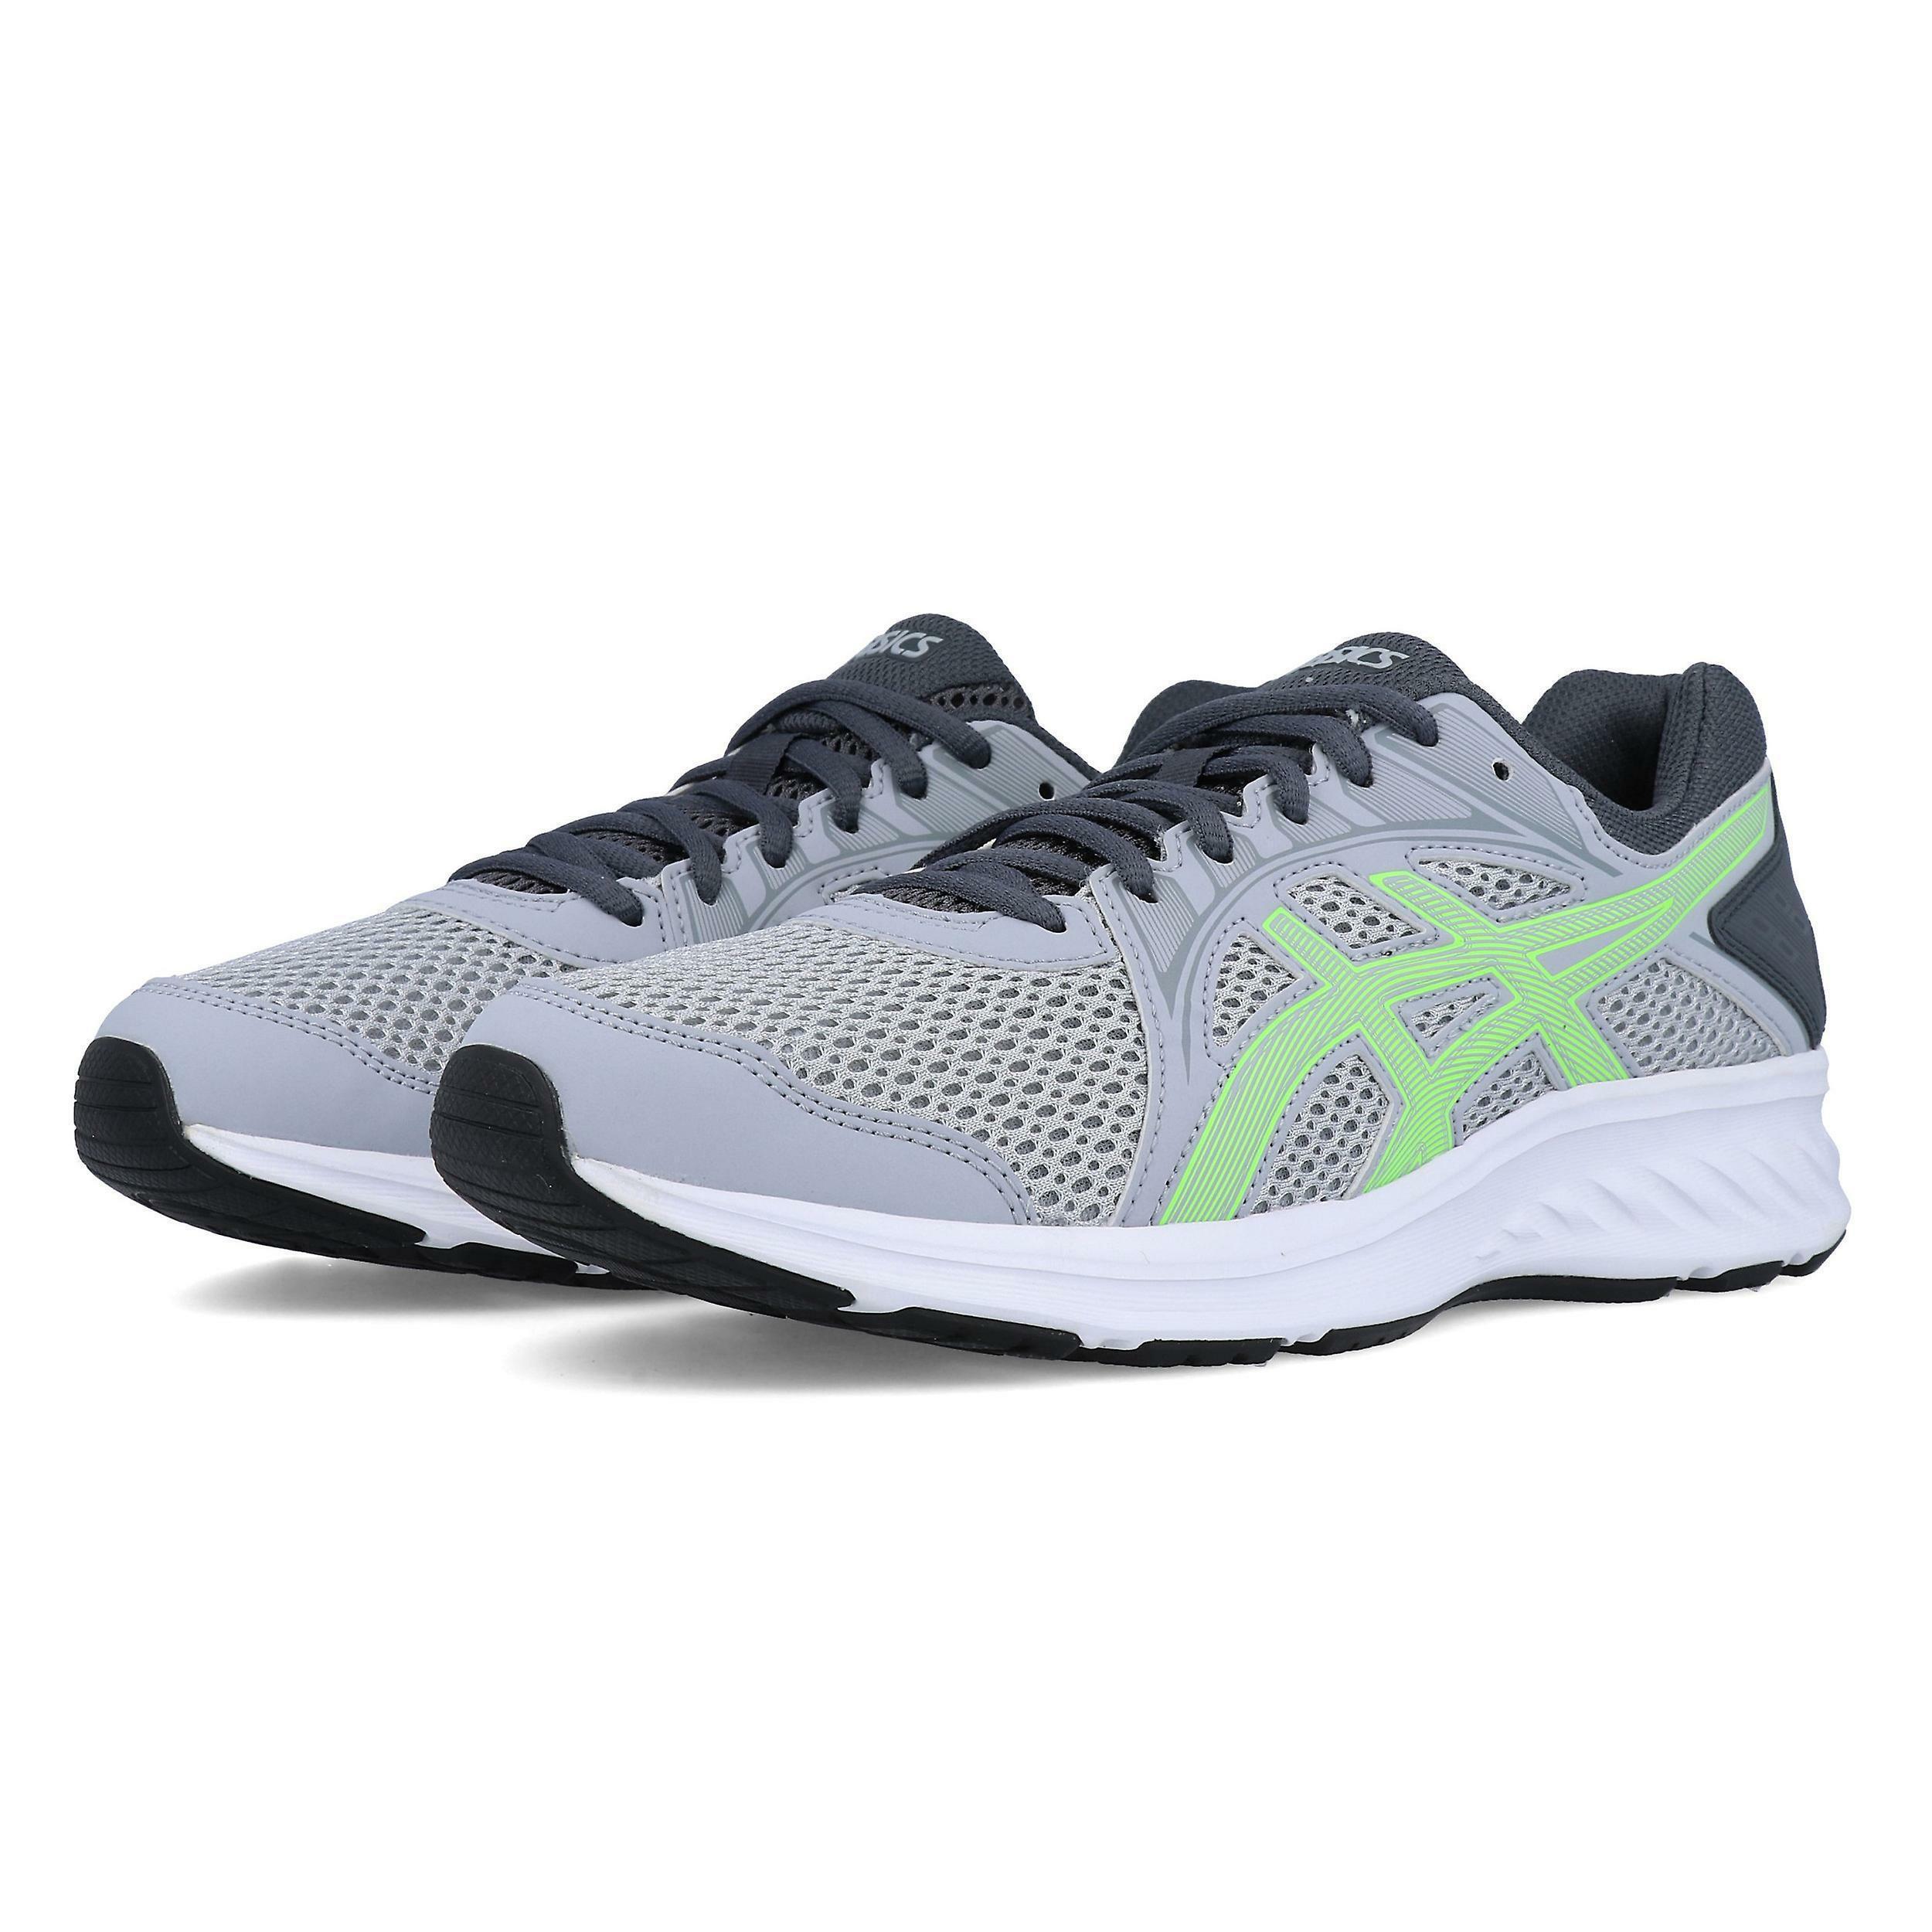 asics jolt 2 scarpe uomo running 1011a167 grigio